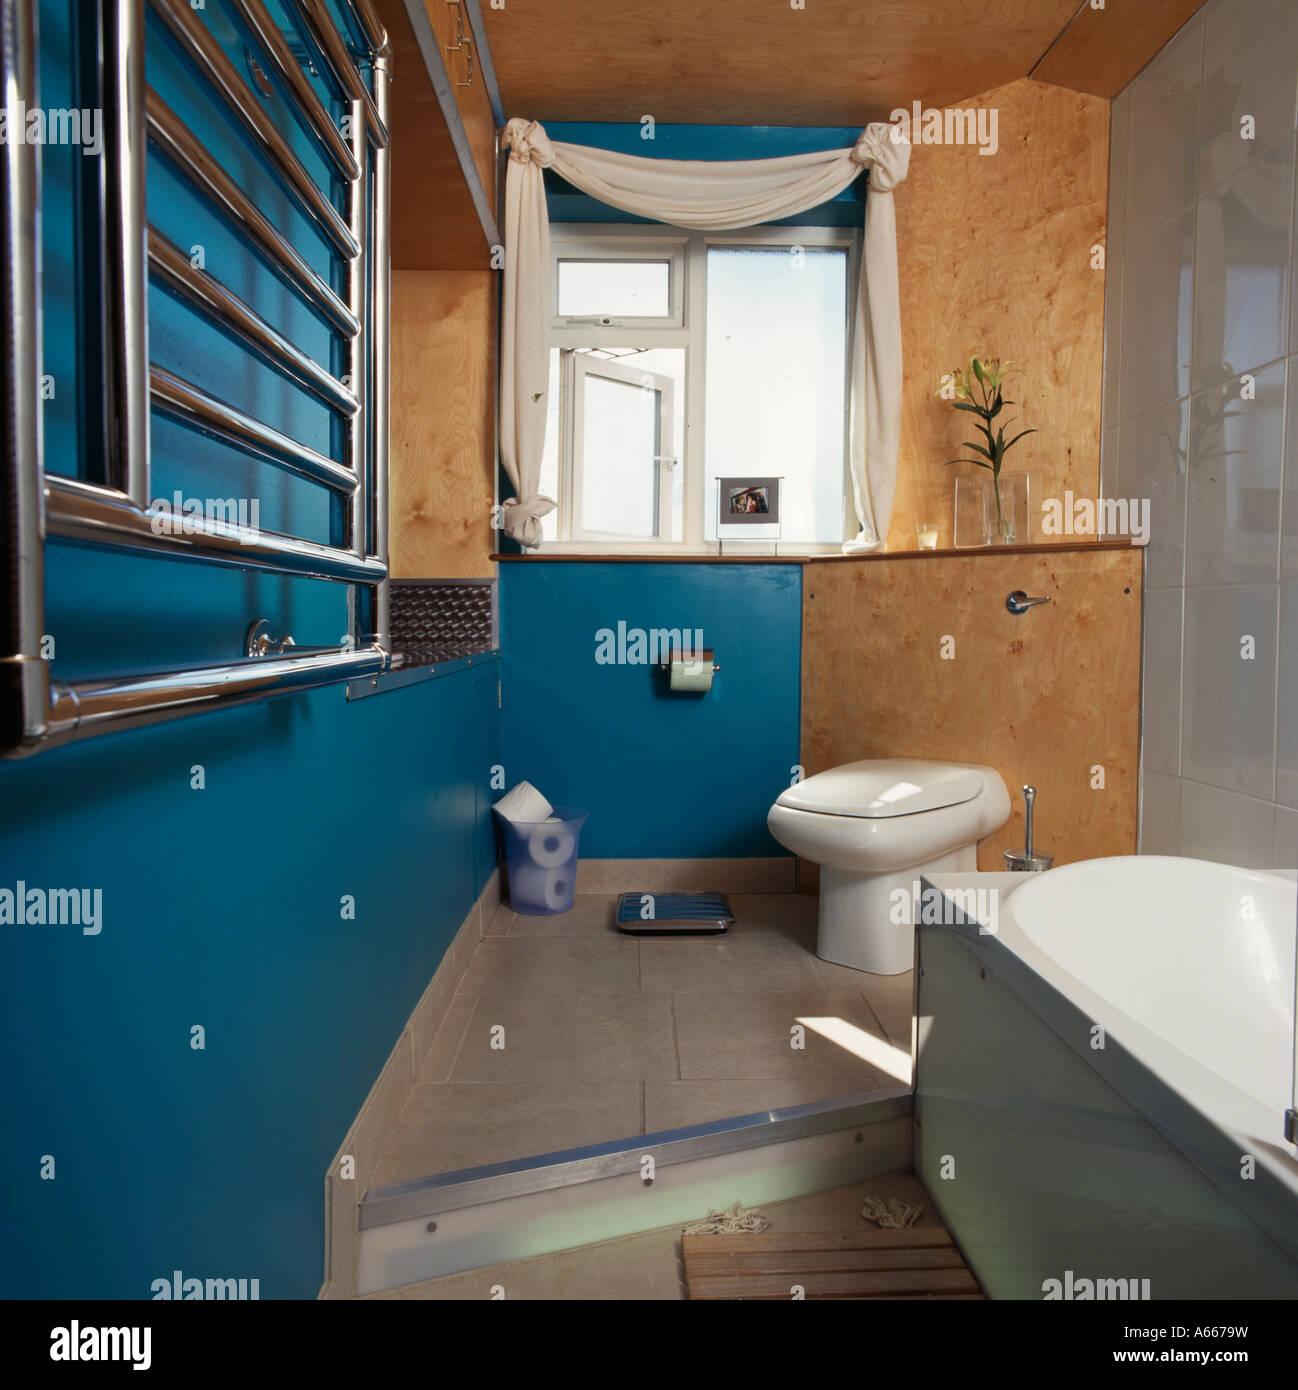 Doppelboden In Blauen Badezimmer Mit Kork Wand Wc Stockfoto Bild